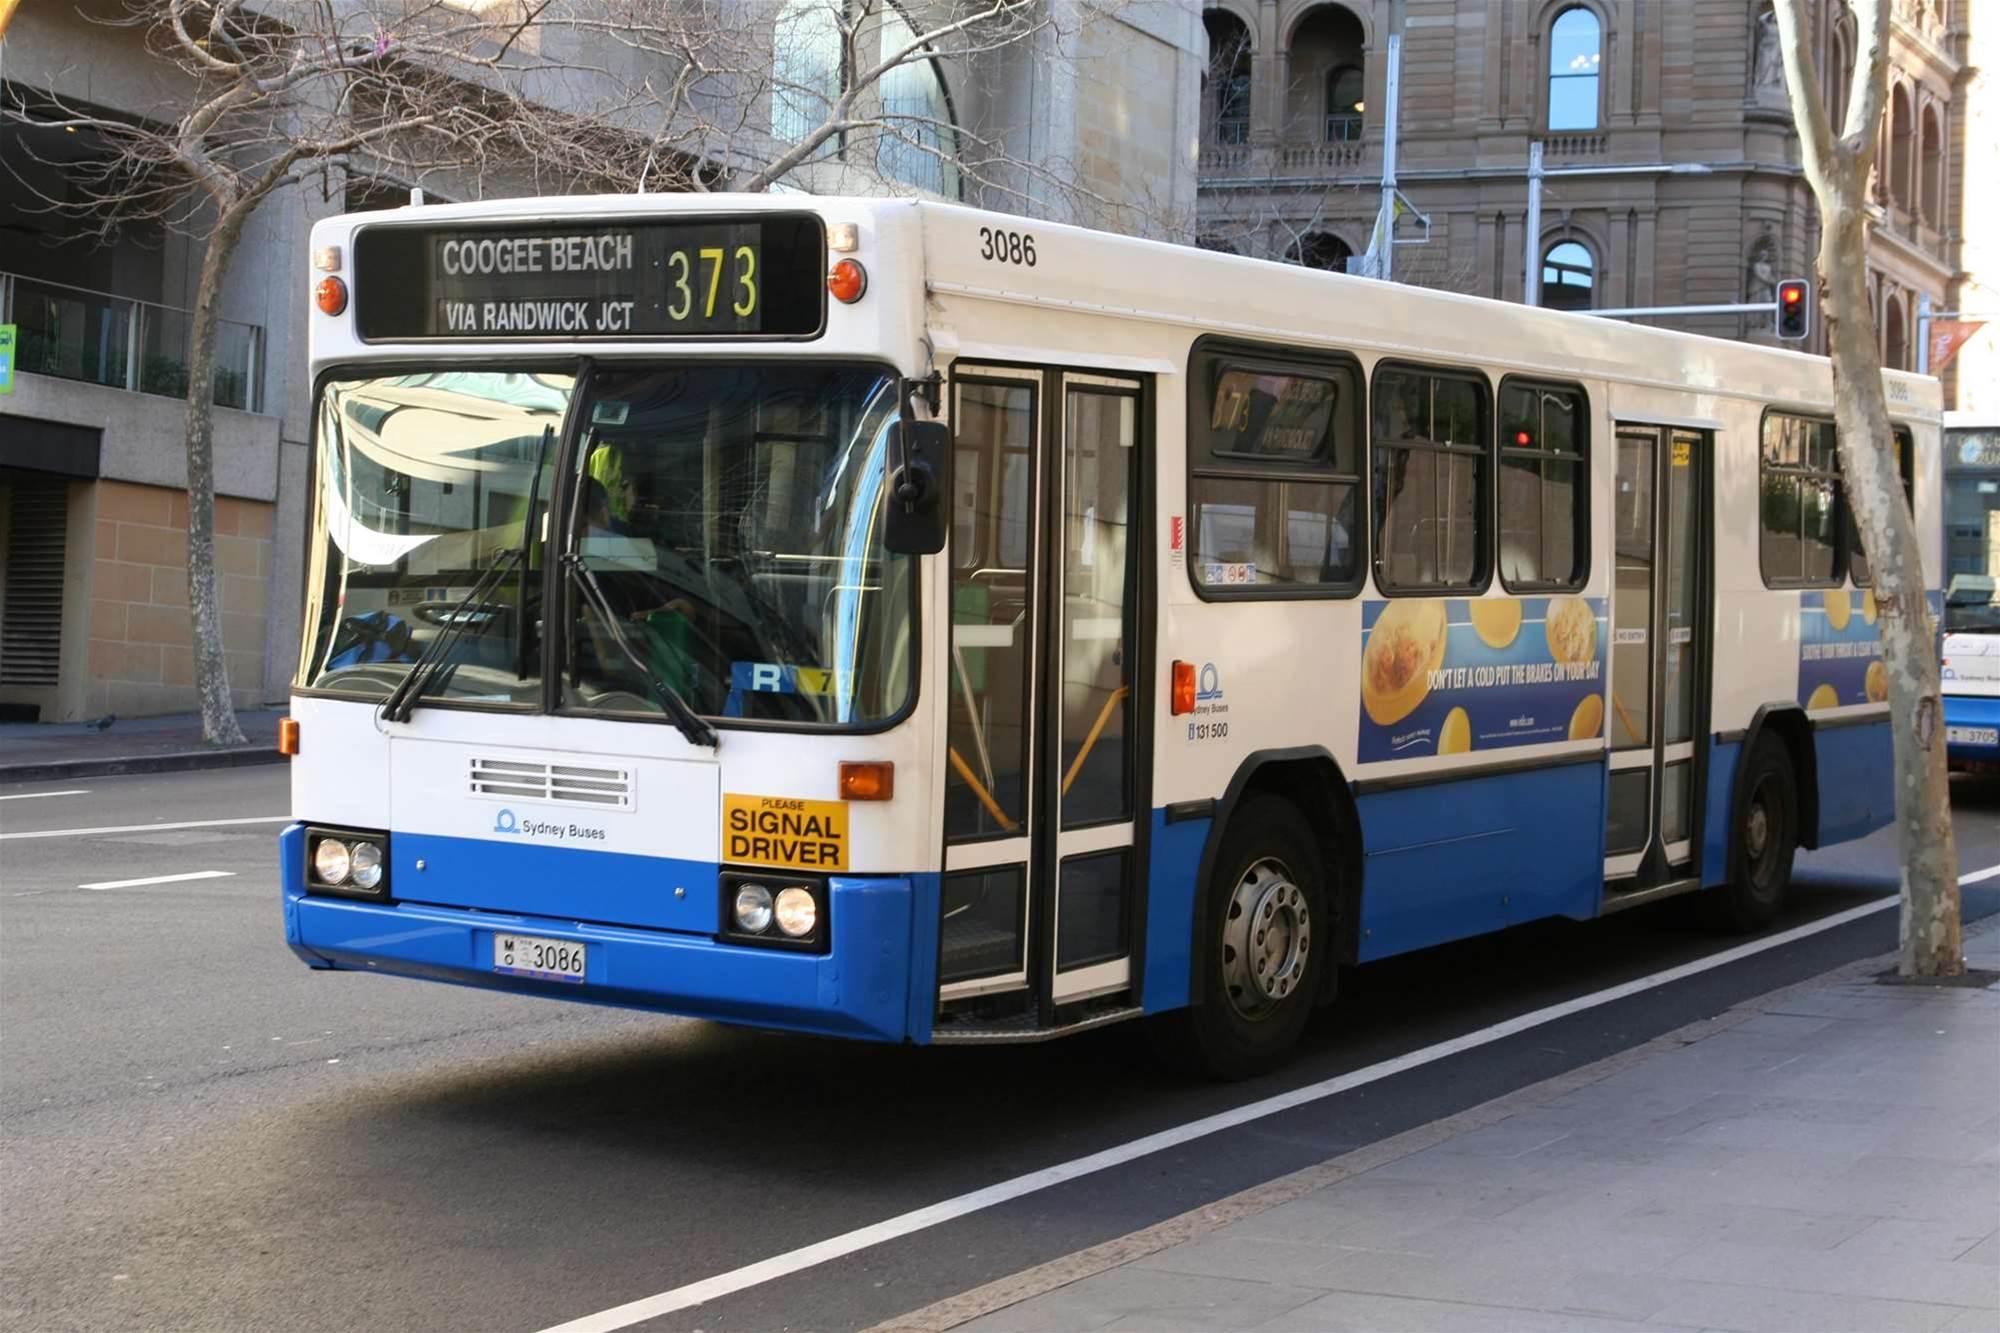 Sydney transport apps back online